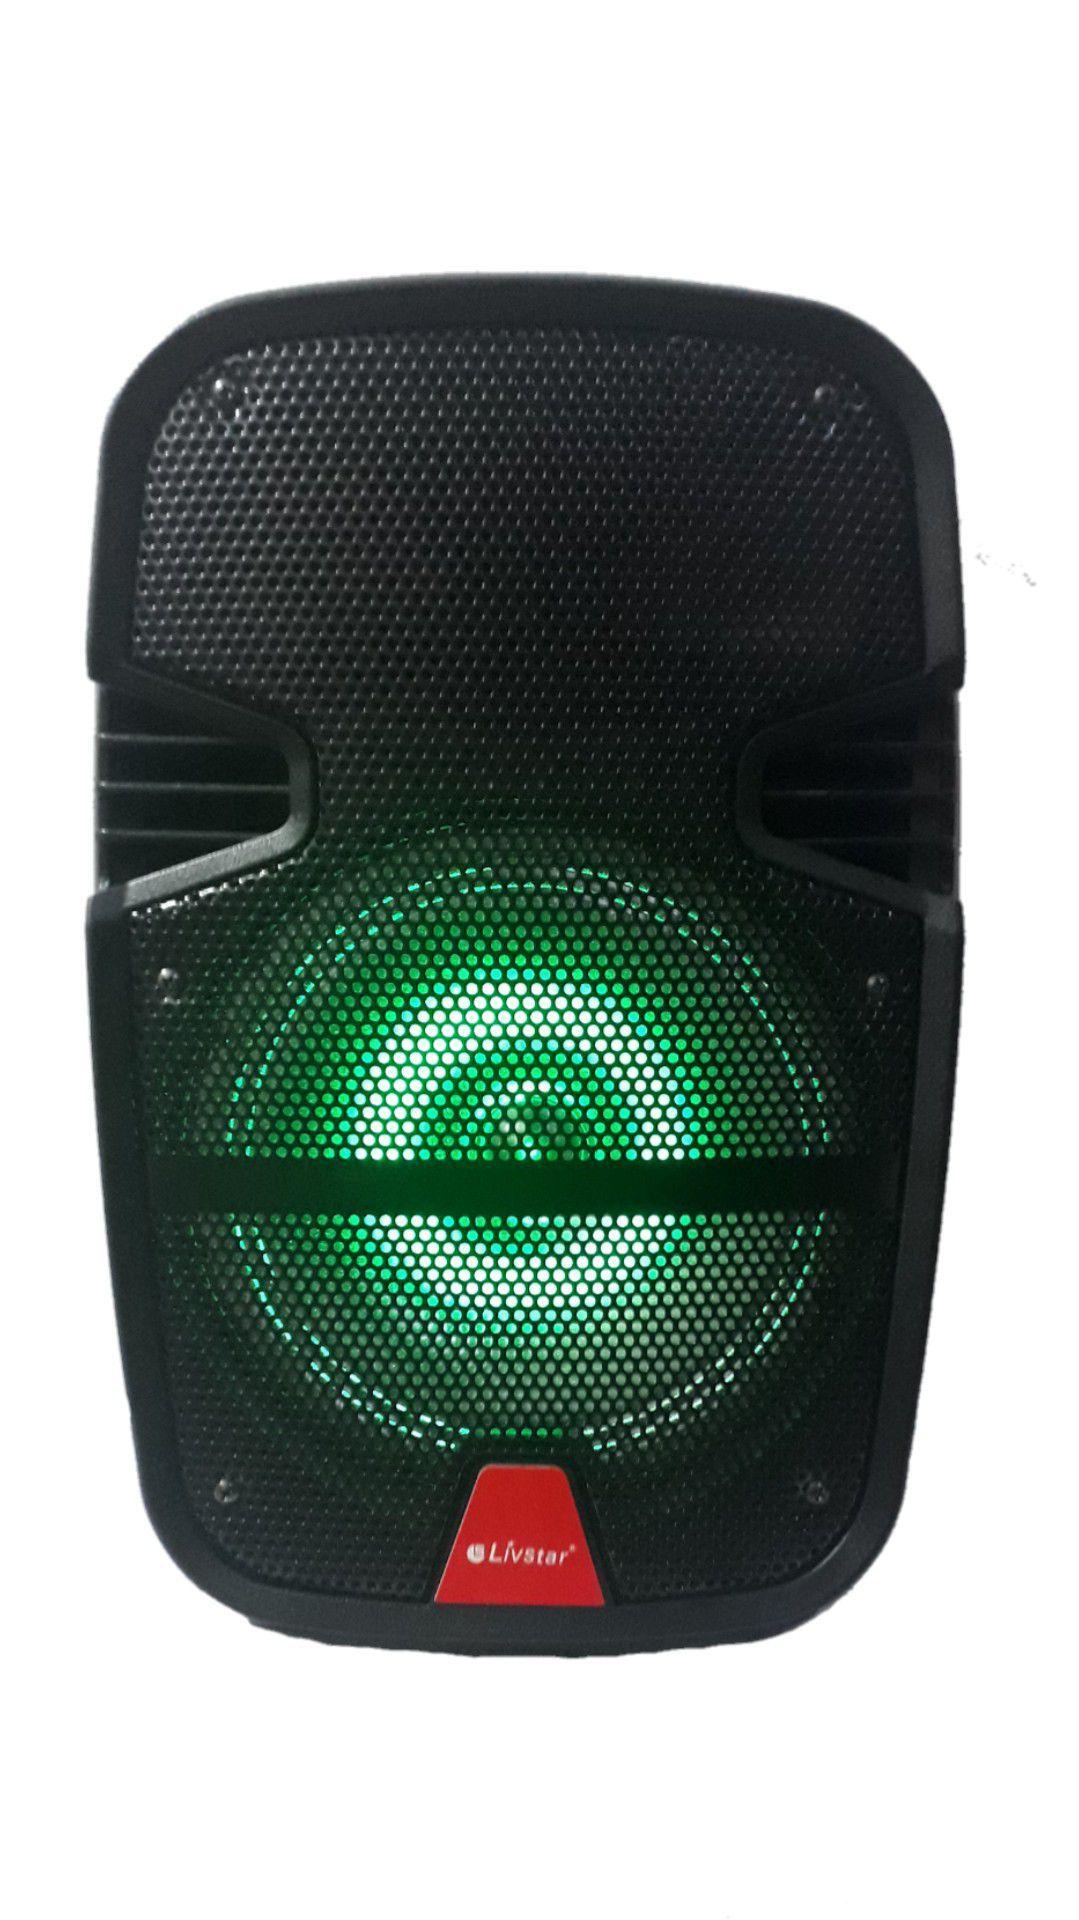 Caixa Amplificada Livstar Cnn8058ts Fal8 Eco Usb/sd/fm Aux P10 Display Bat Recar